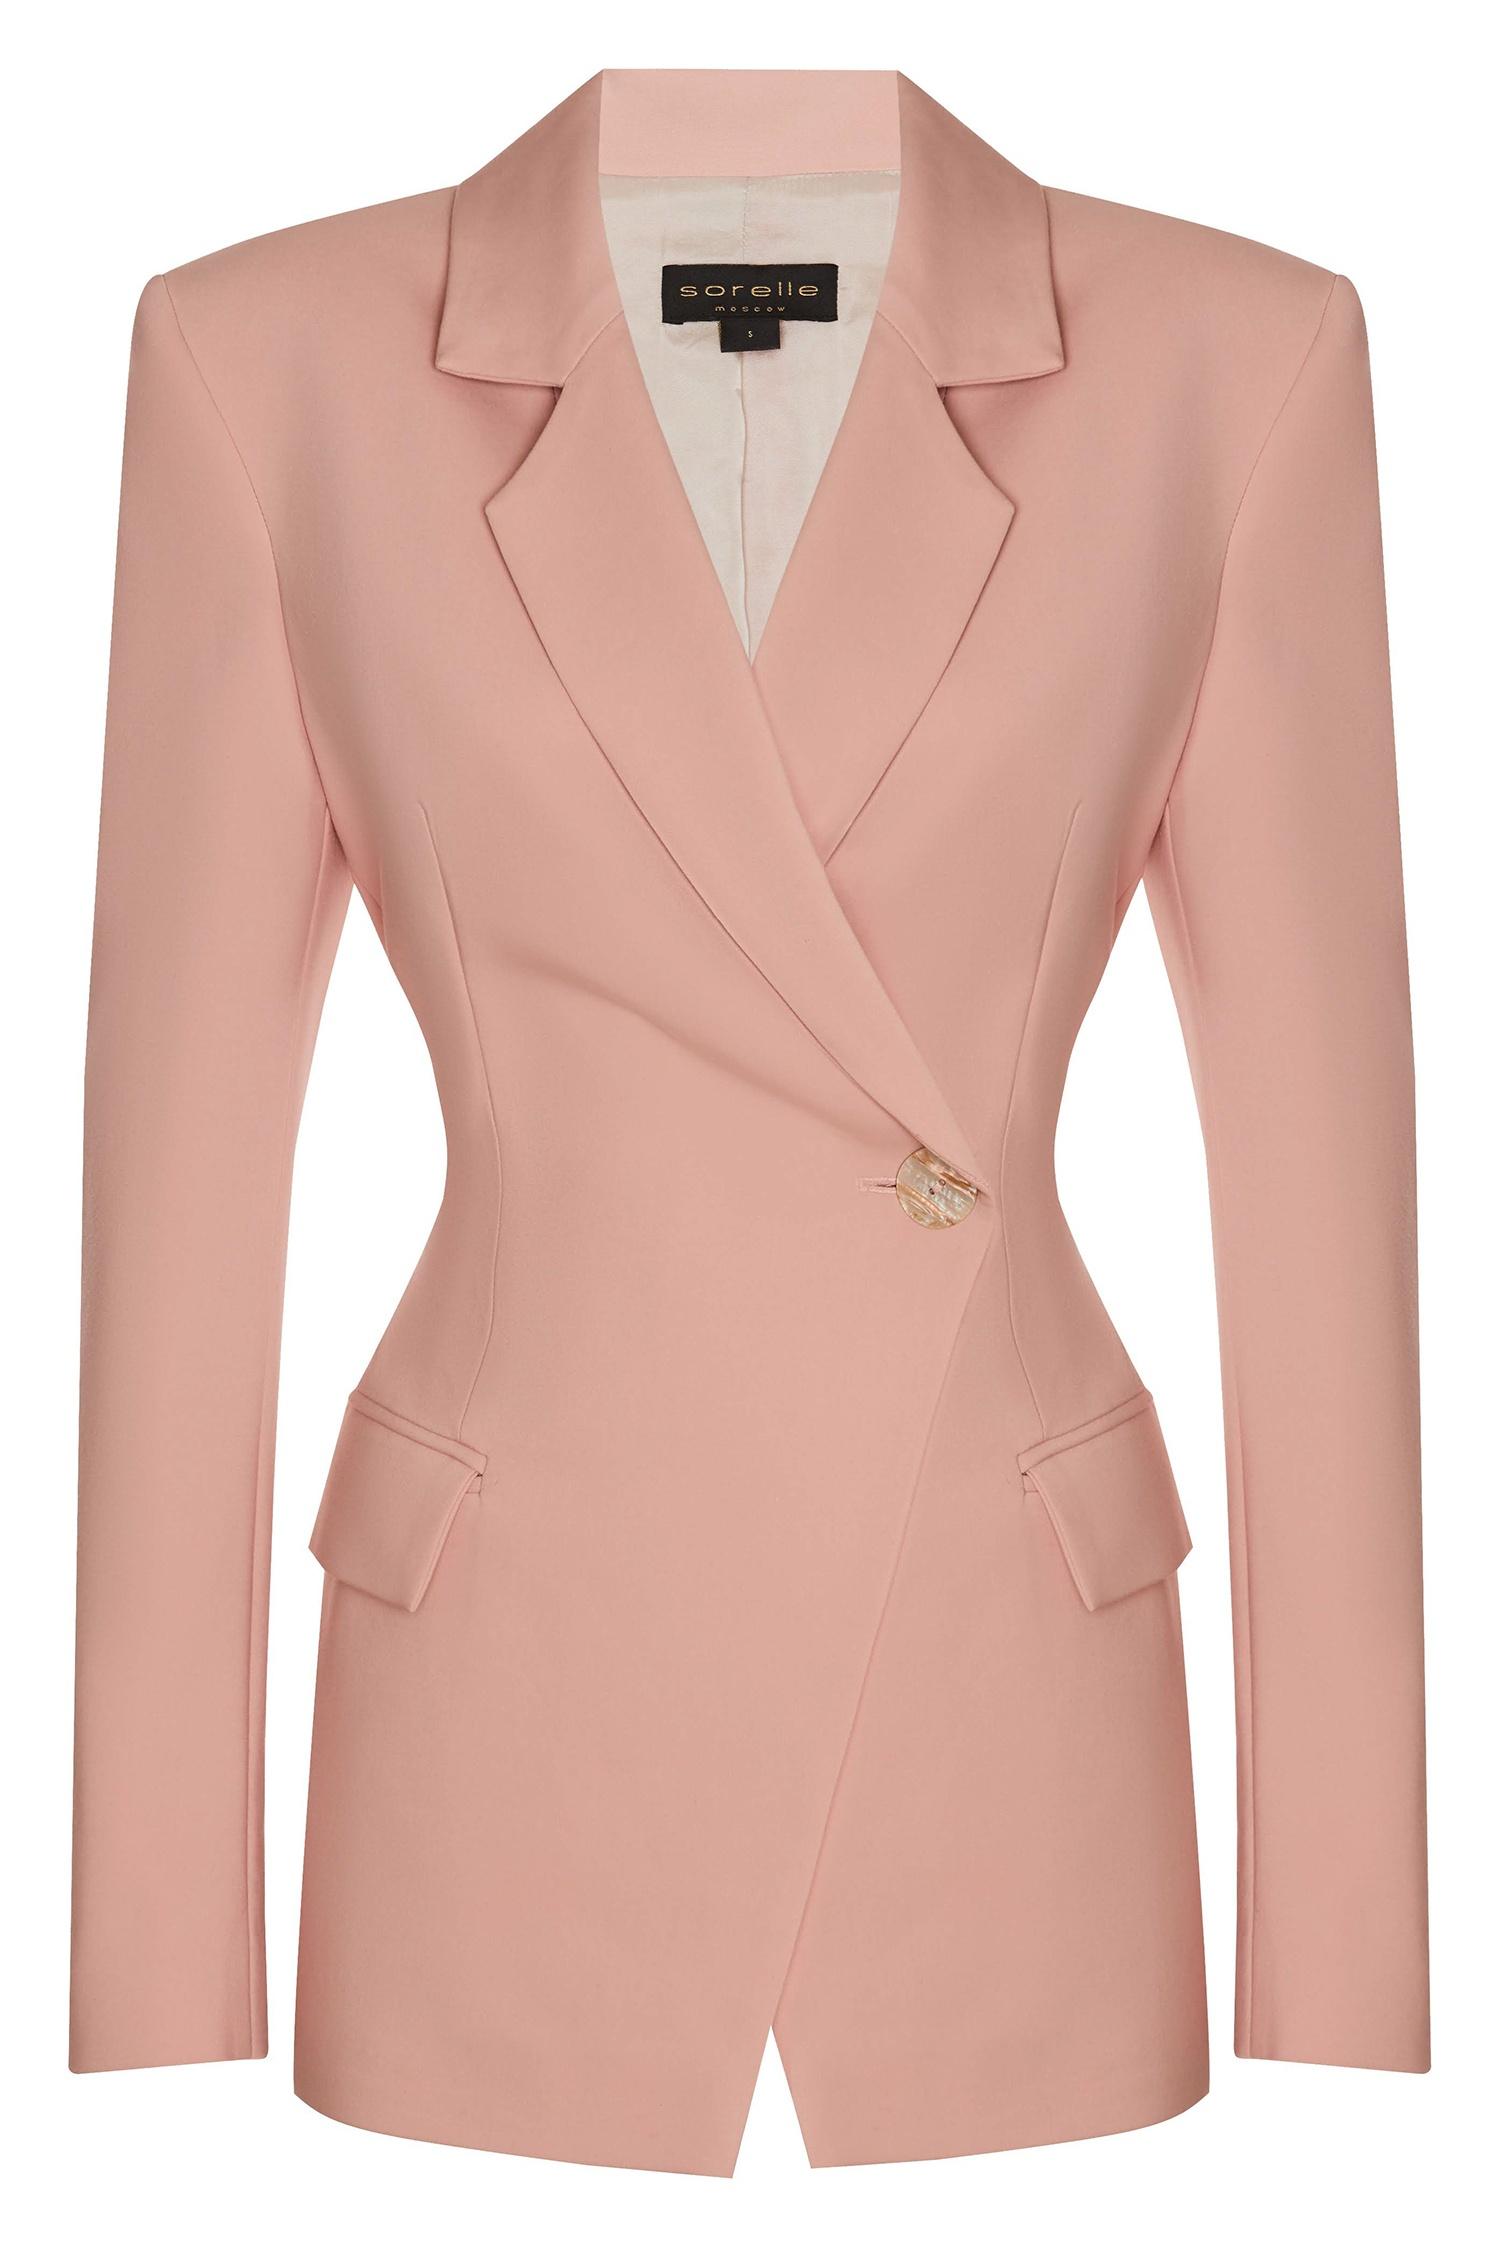 1ea8e236403 Розовый брючный костюм Sorelle – купить в интернет-магазине в Москве